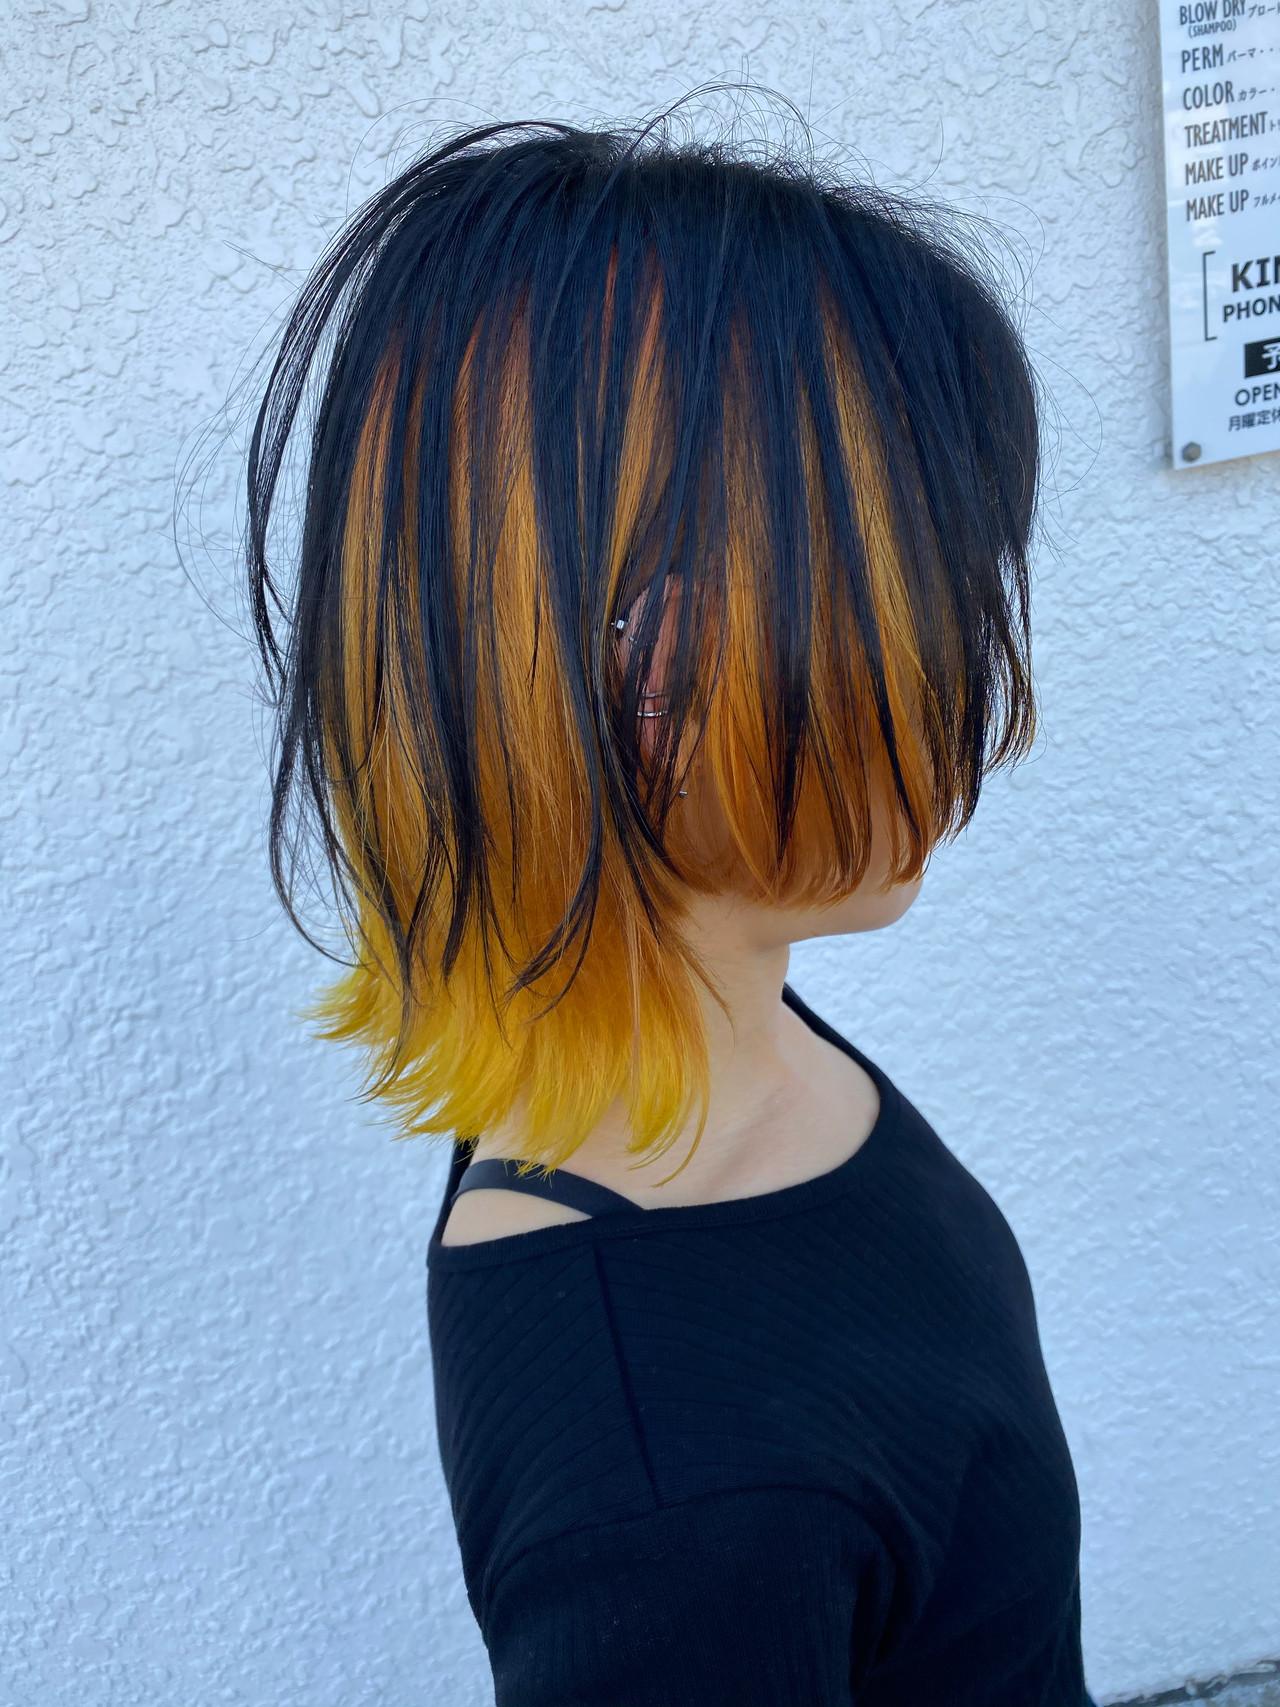 インナーカラー ボブ オレンジカラー ウルフカット ヘアスタイルや髪型の写真・画像   蝦名貴之 / KINTARO